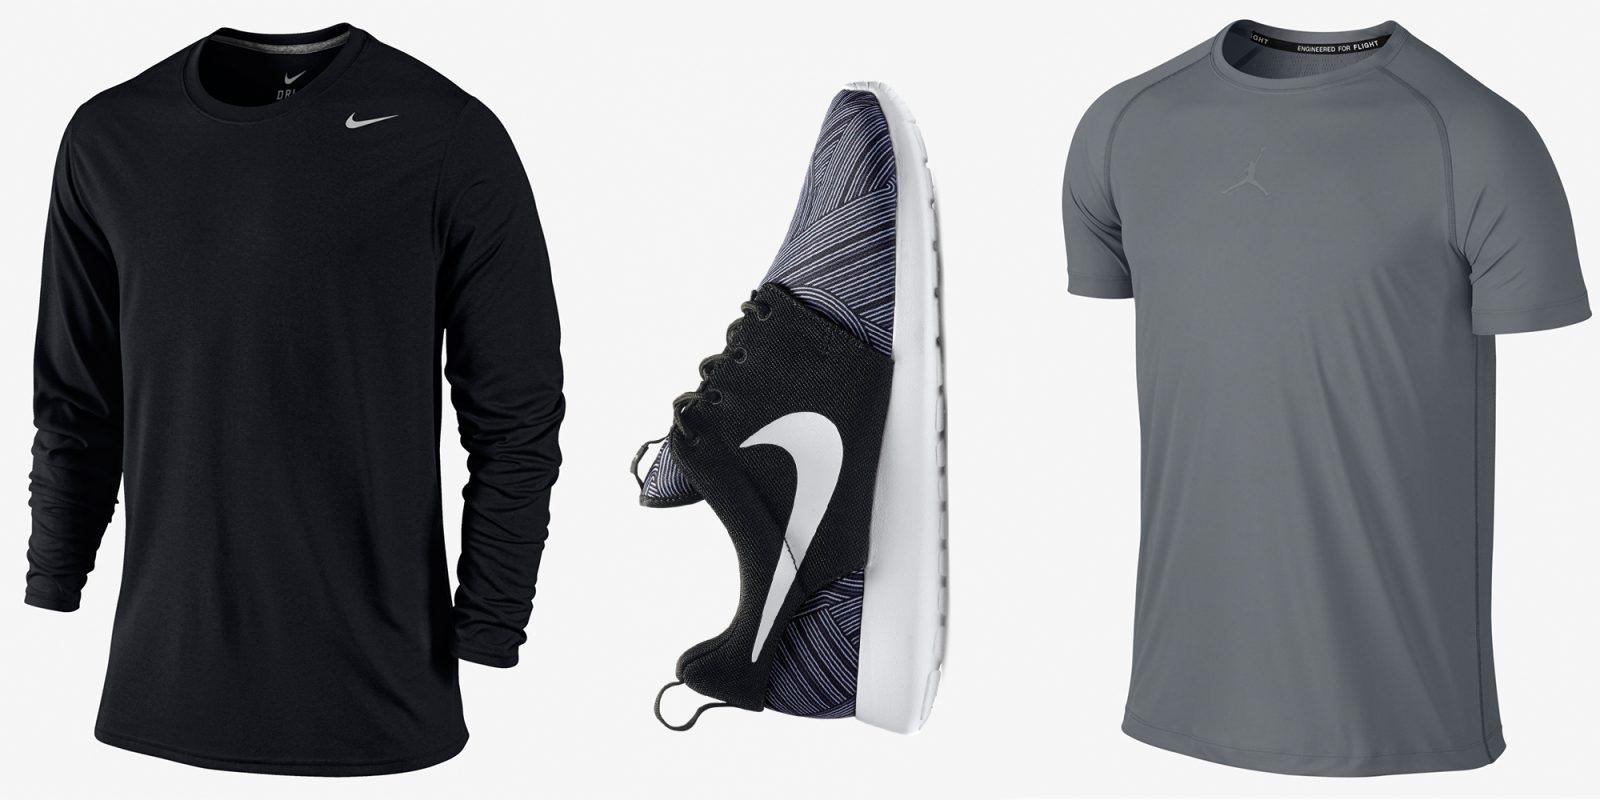 f602d4d4323b Nike Clearance Extra 25% off  Legend Dri-Fit Shirt  13